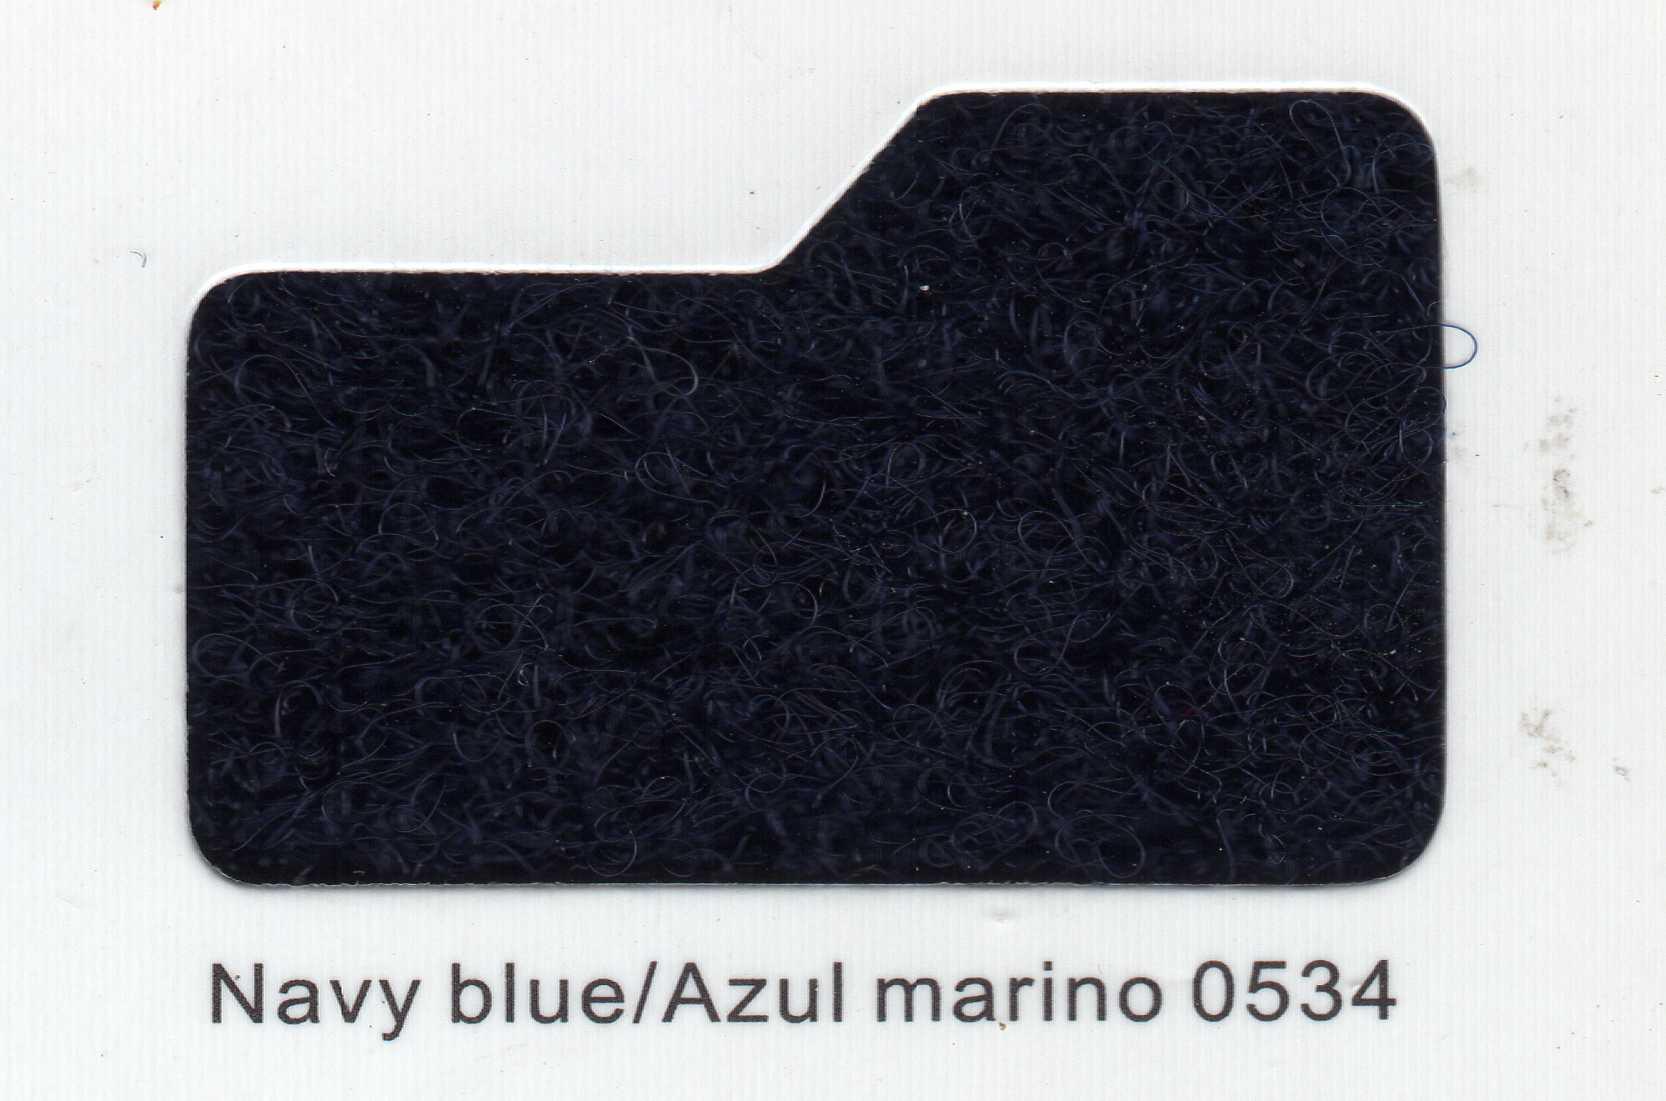 Cinta de cierre Velcro-Veraco 20mm Azul Marino 0534 (Gancho).